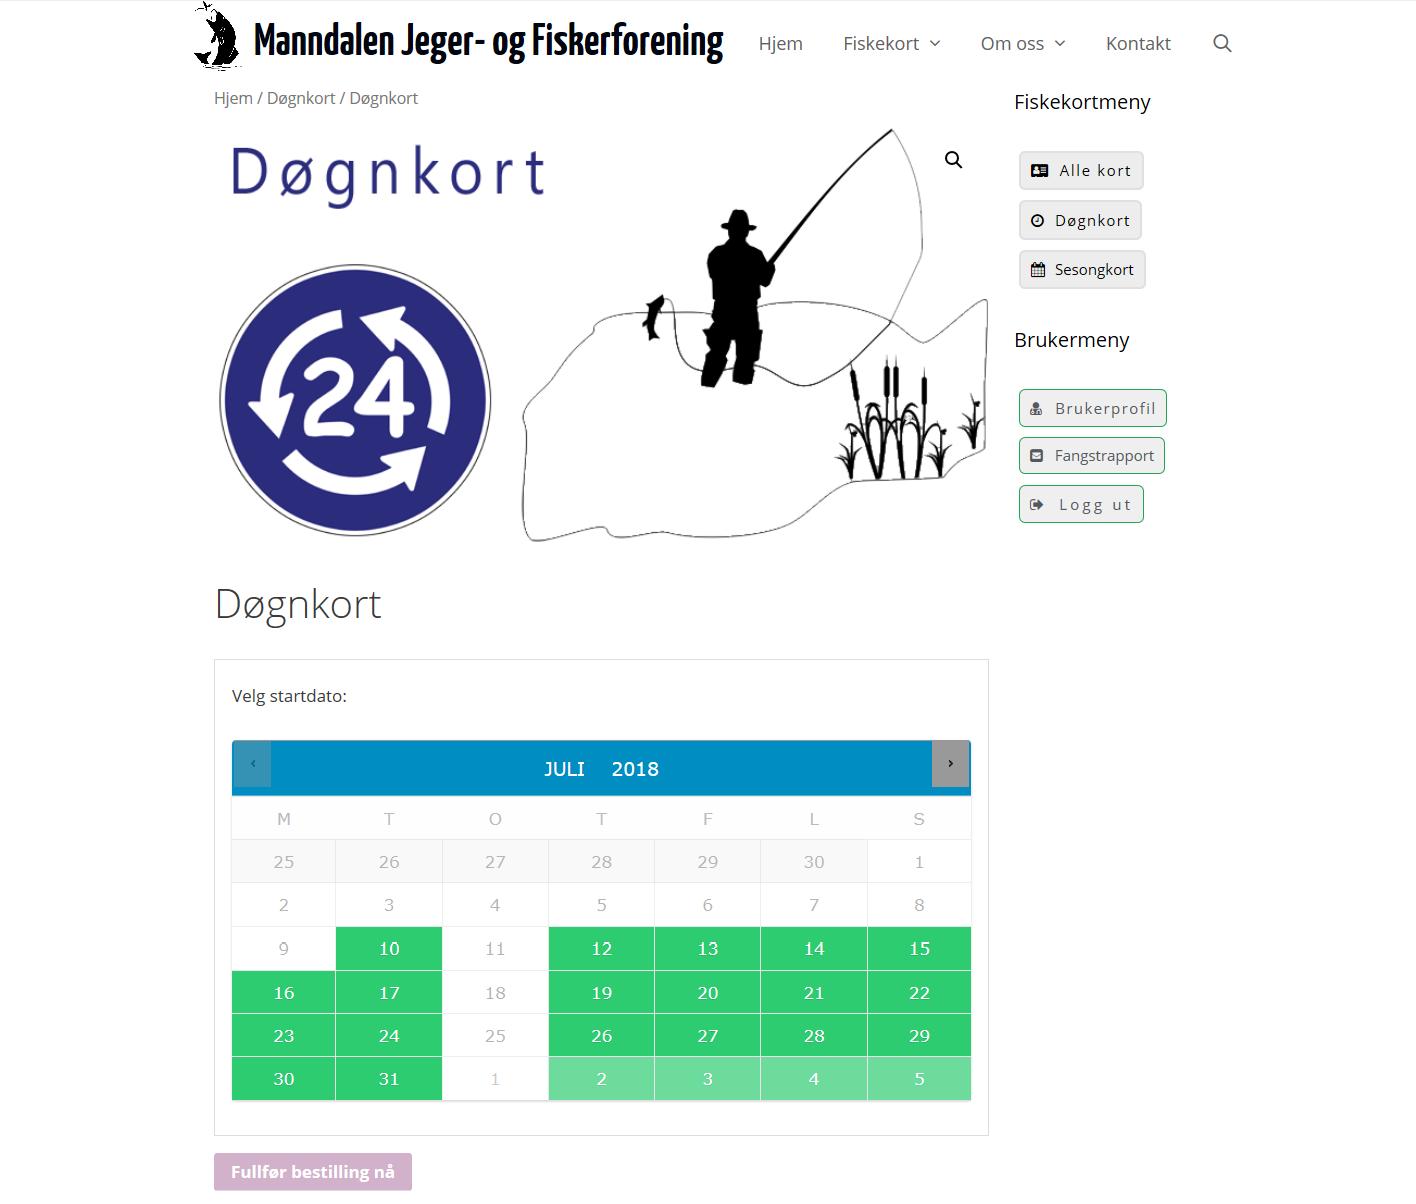 Manndalen Jeger- og FiskerforeningEn løsning der Formidable Forms og Woocommerce benyttet for å selge fiskekort og rapportere fangst elektronisk.